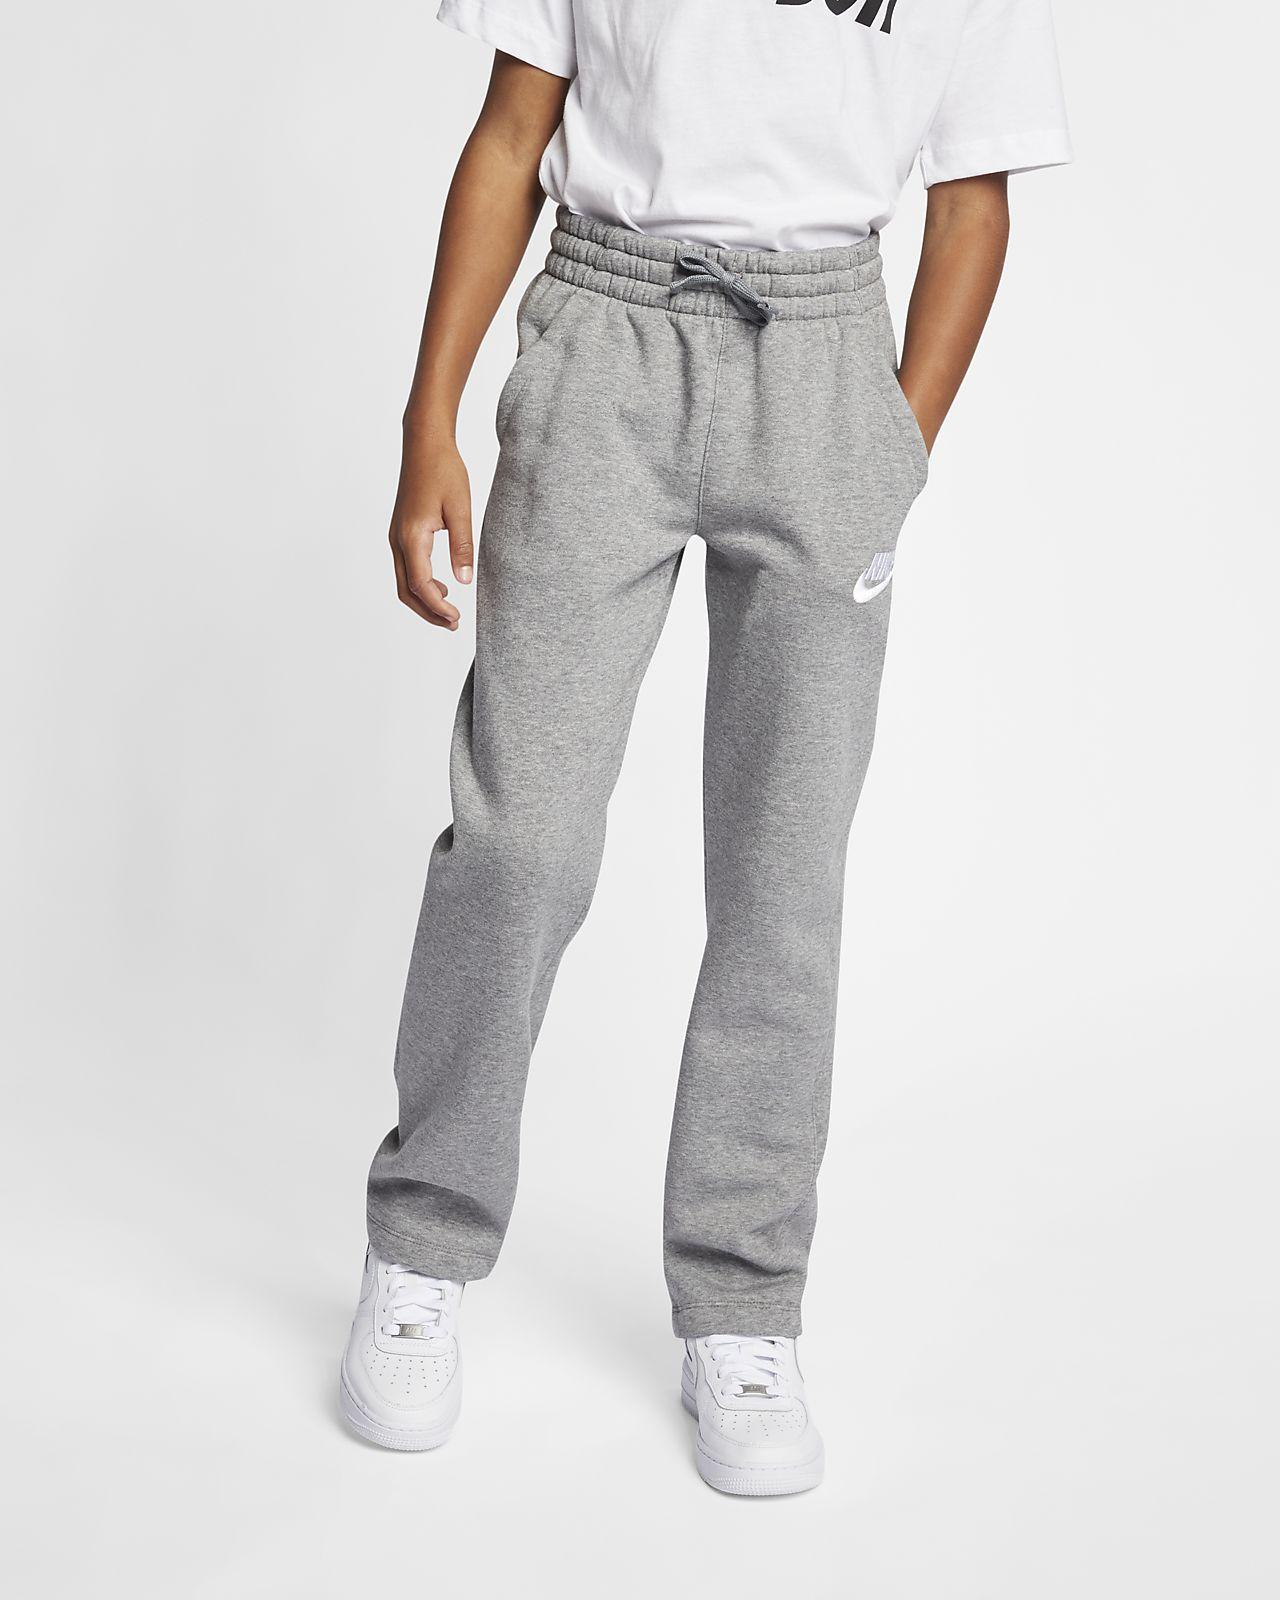 Nike Sportswear Club Fleece Big Kids' (Boys') Open-Hem Pants